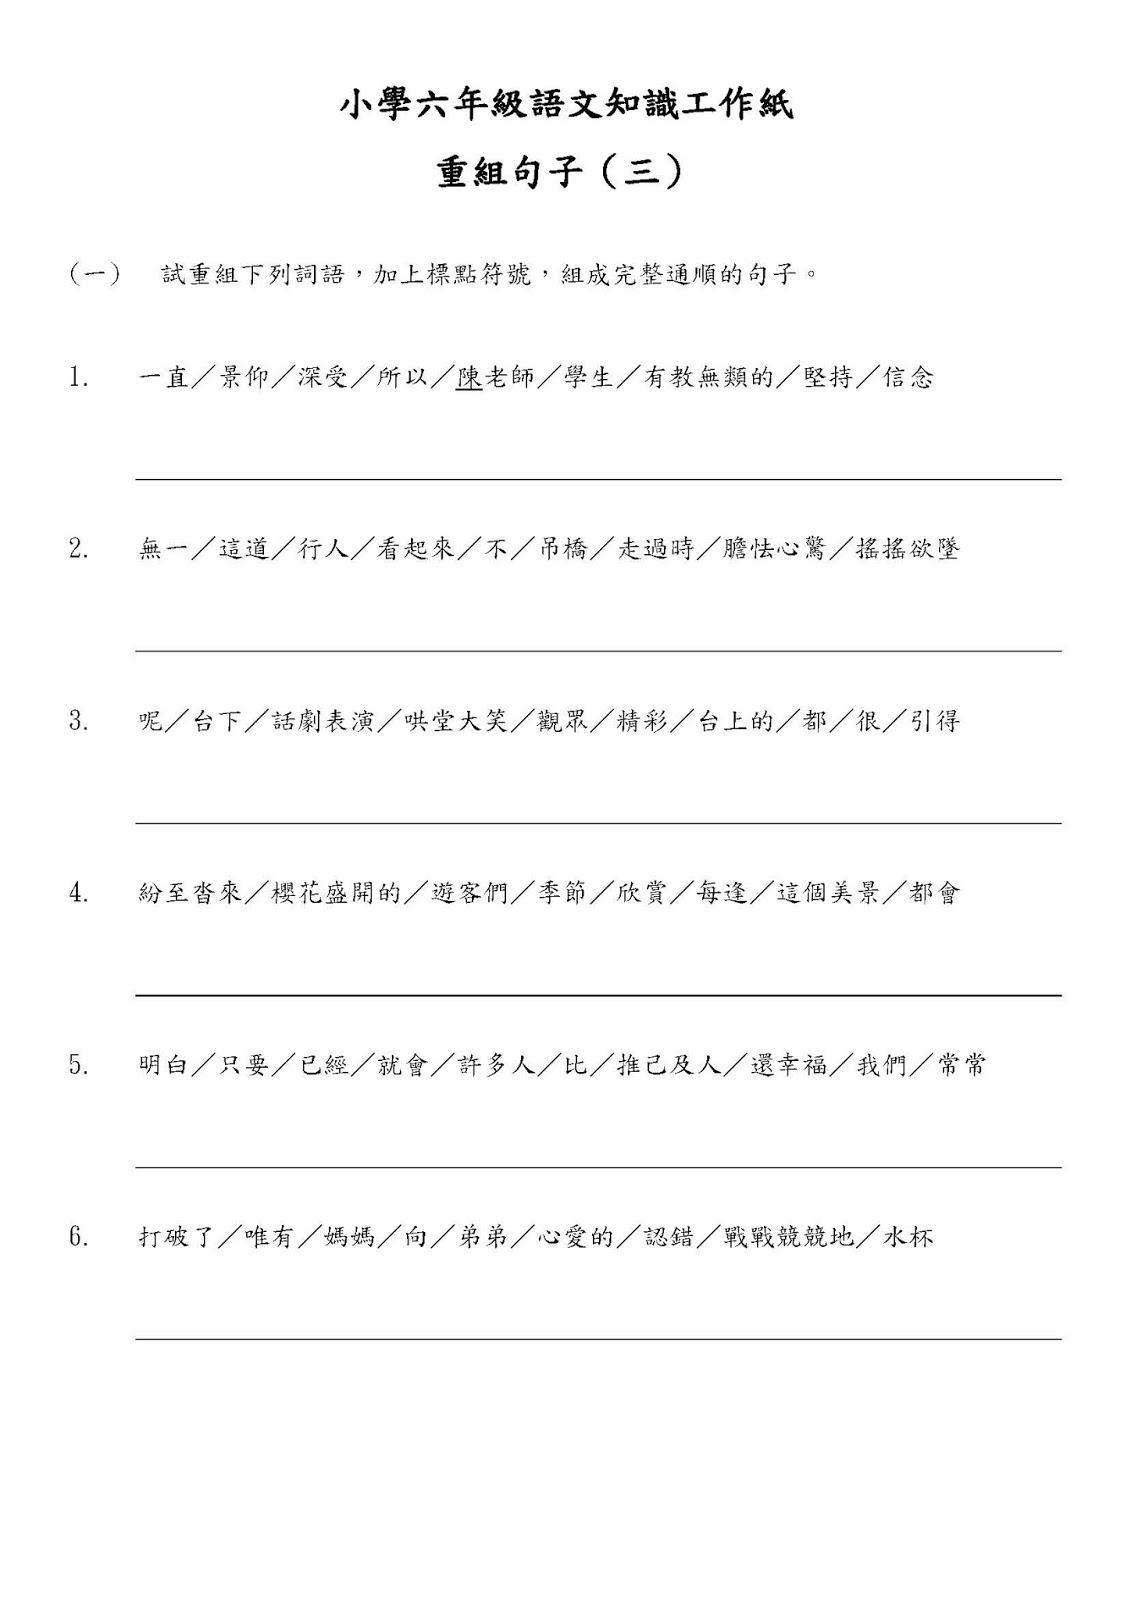 小六語文知識工作紙:重組句子(三)|中文工作紙|尤莉姐姐的反轉學堂